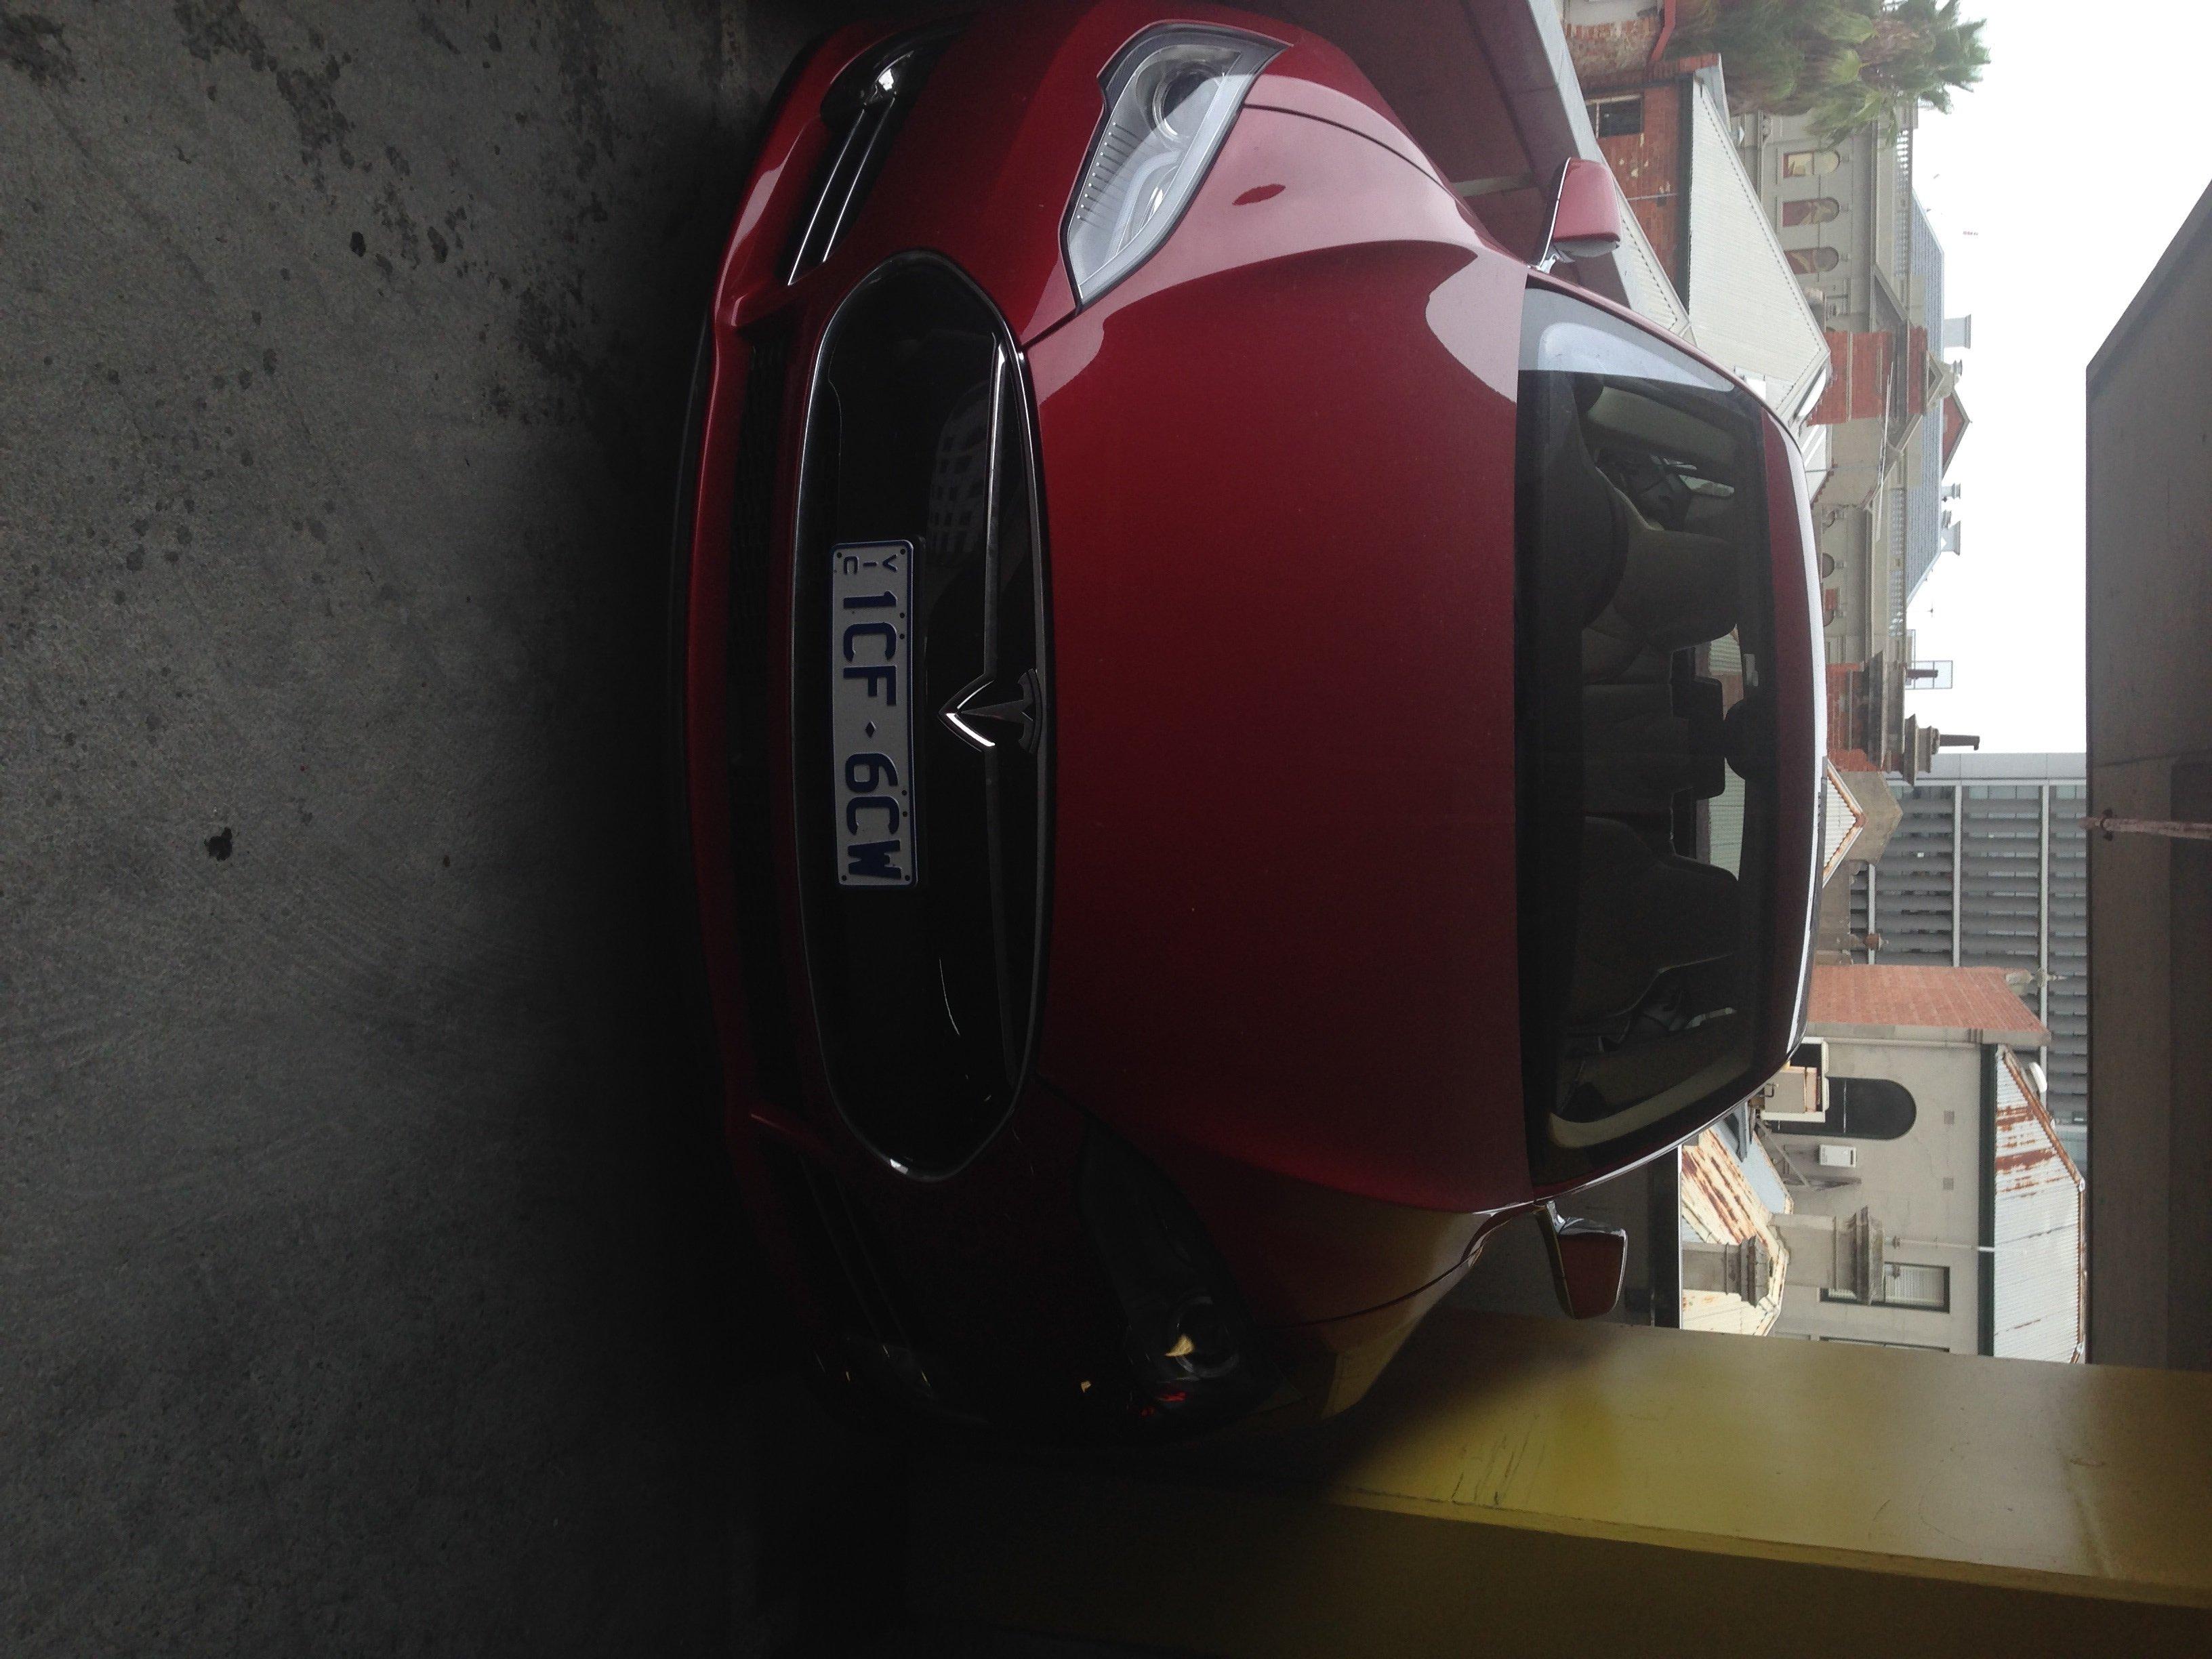 tesla parking pic 2.jpg